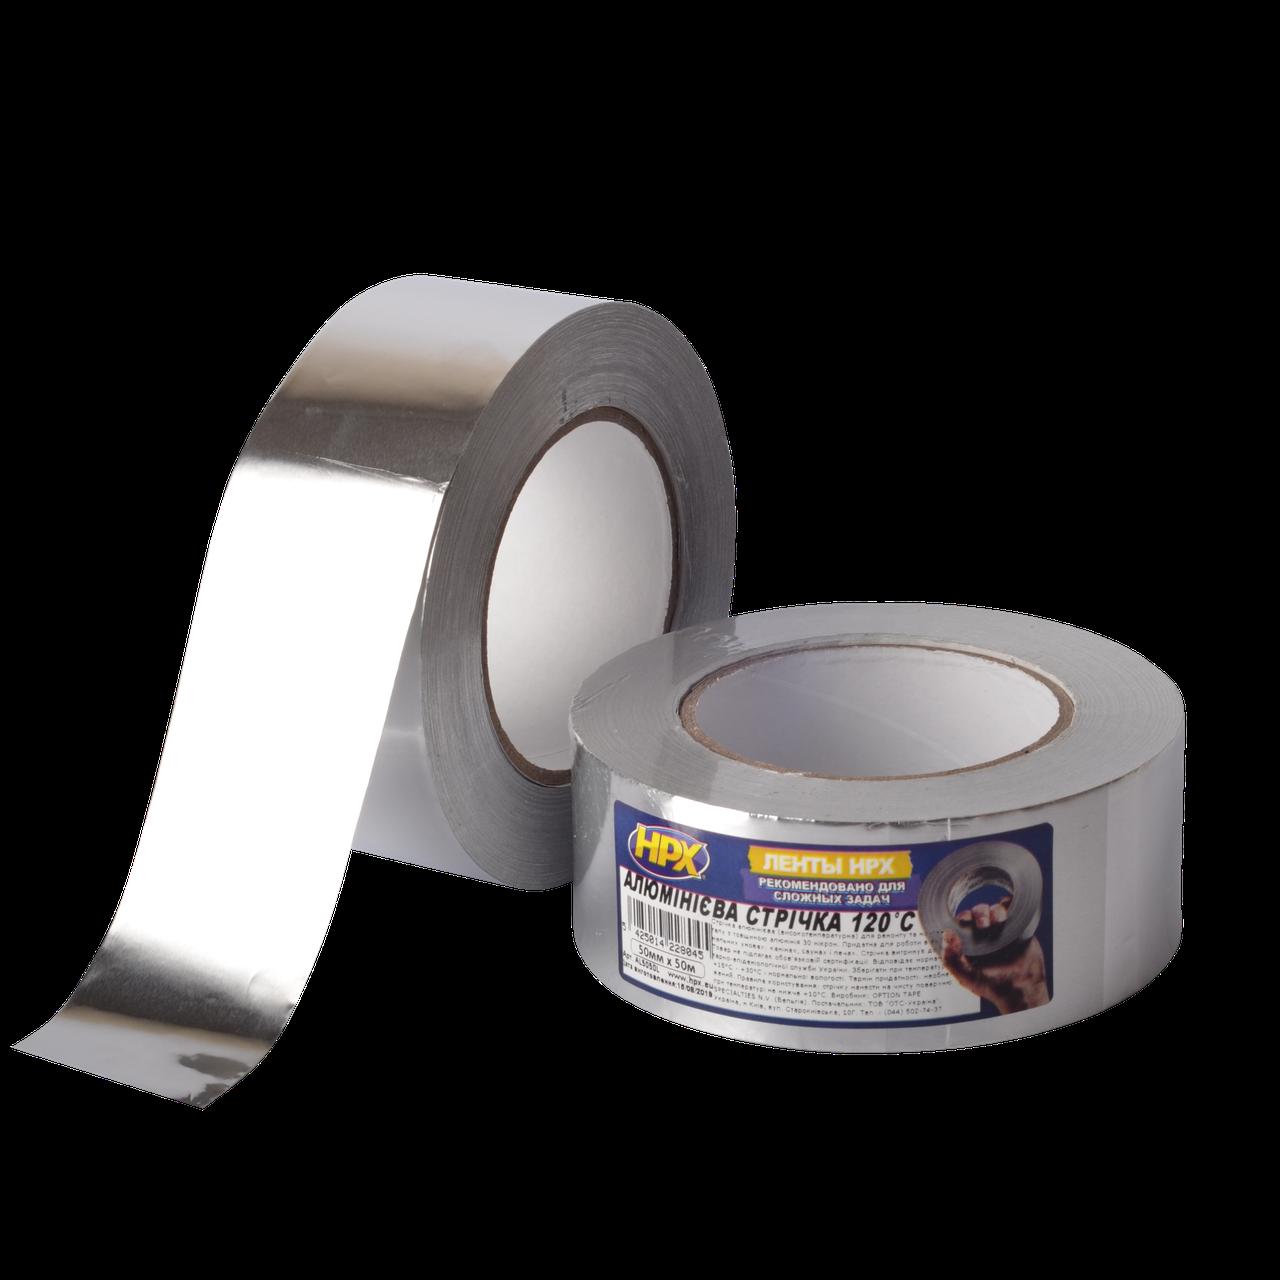 Высокотемпературная алюминиевая лента (скотч) HPX - 120°С 30 микрон - 50мм x 50м